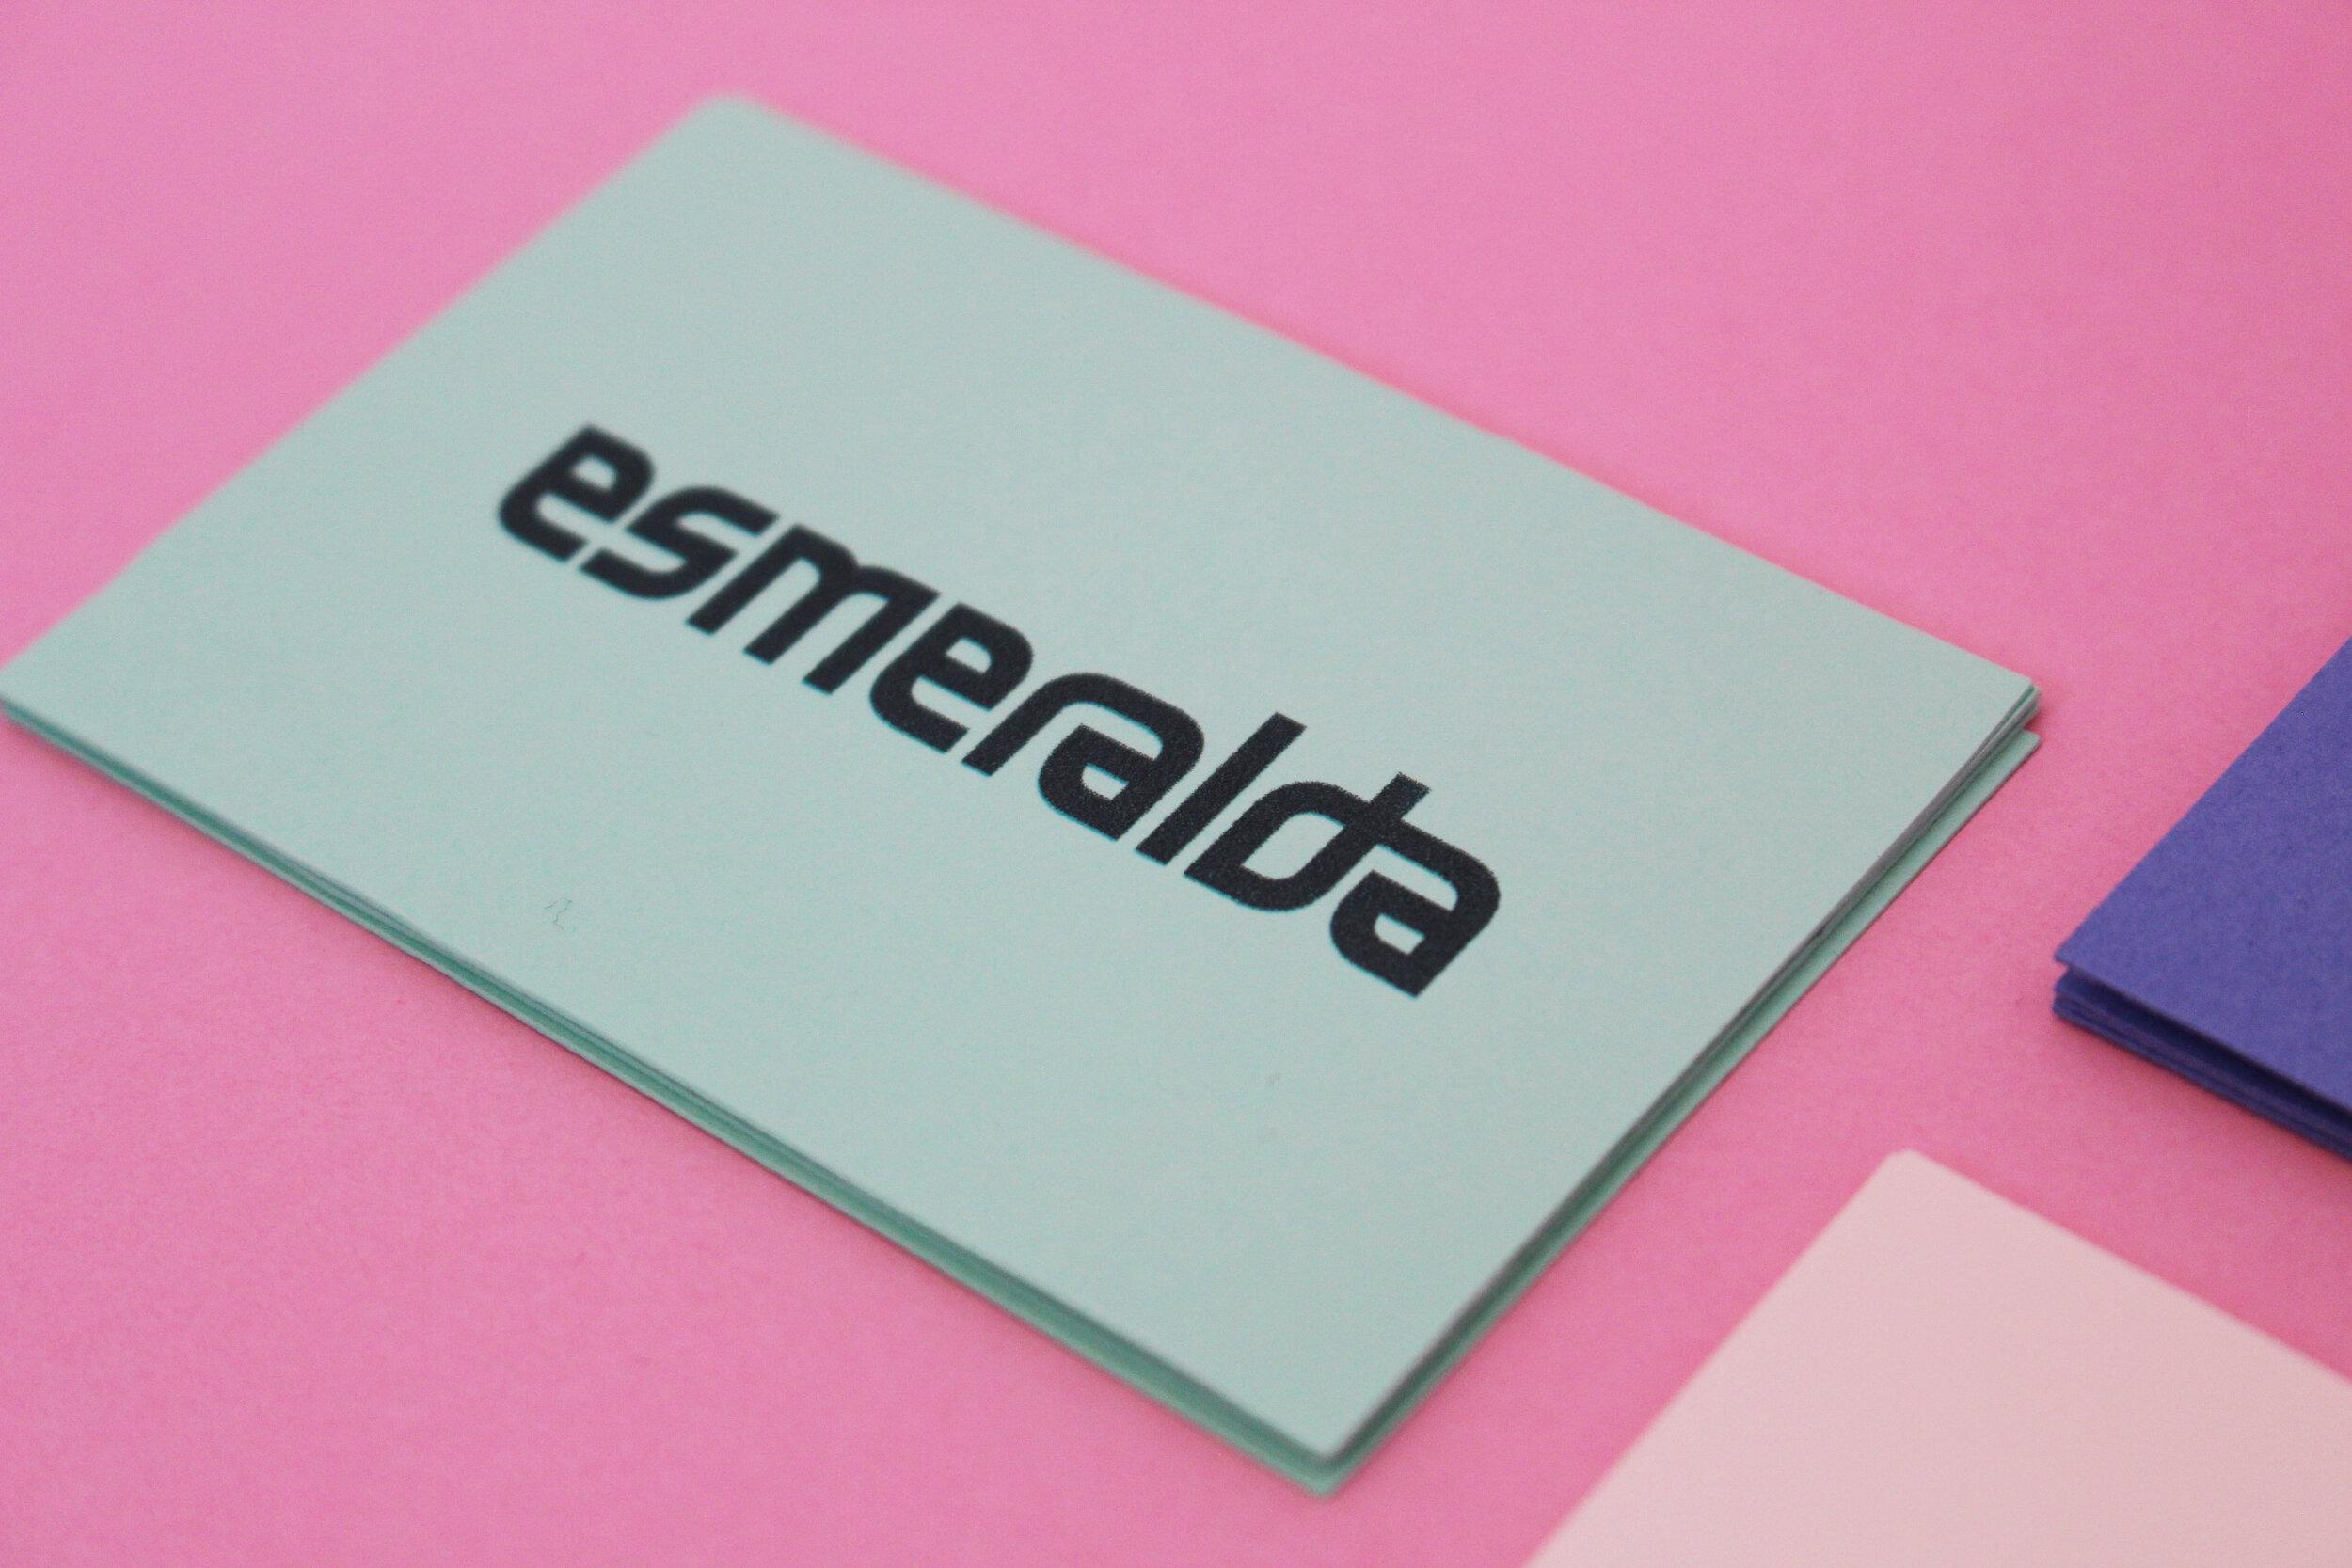 Esmeralda-Site-4.jpg